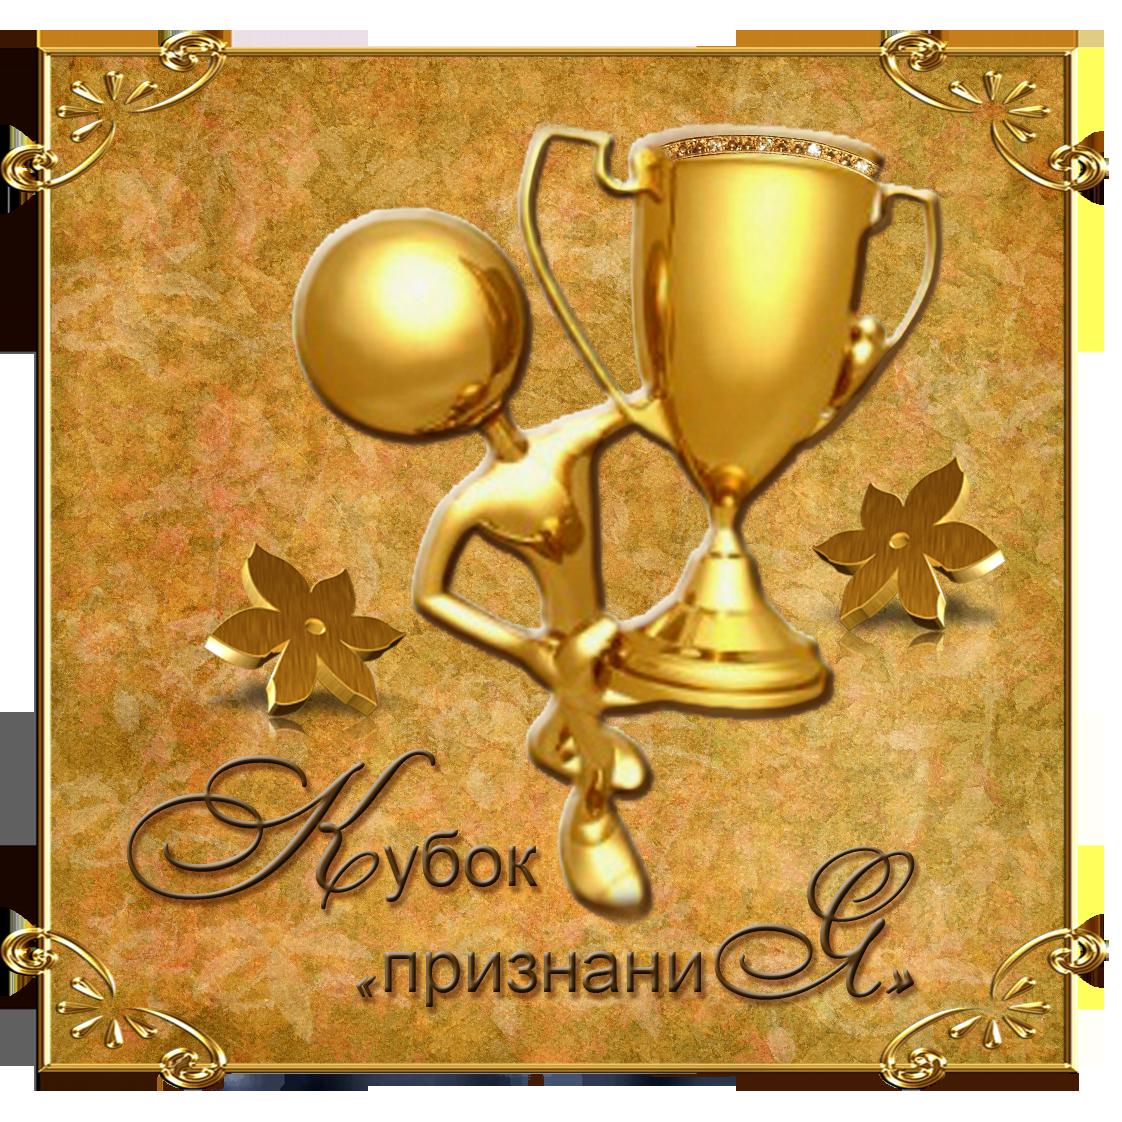 Поздравления с наградой коллеге